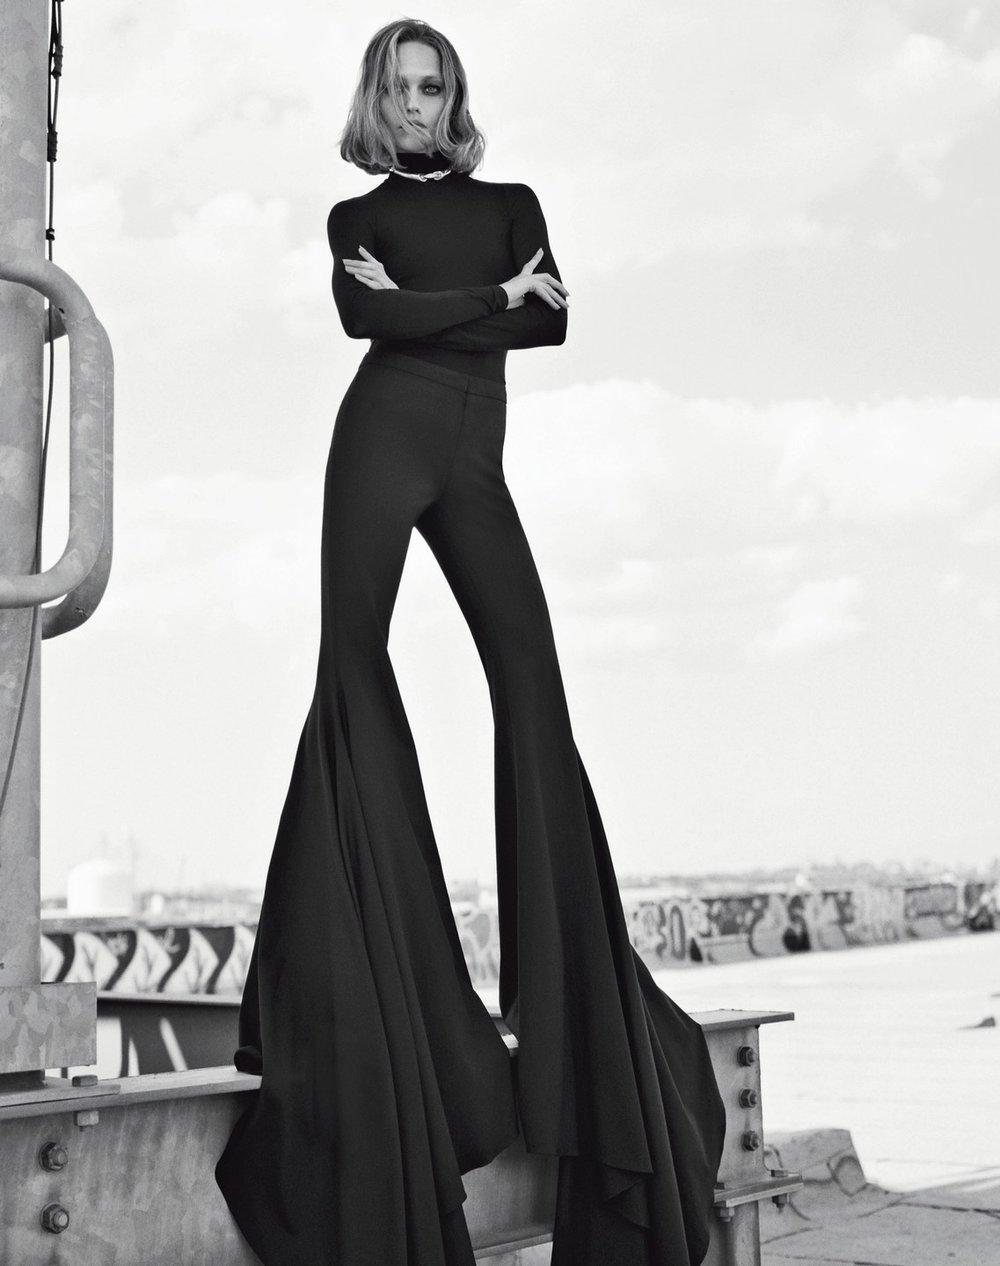 Vogue Italia November 2018 6.jpg